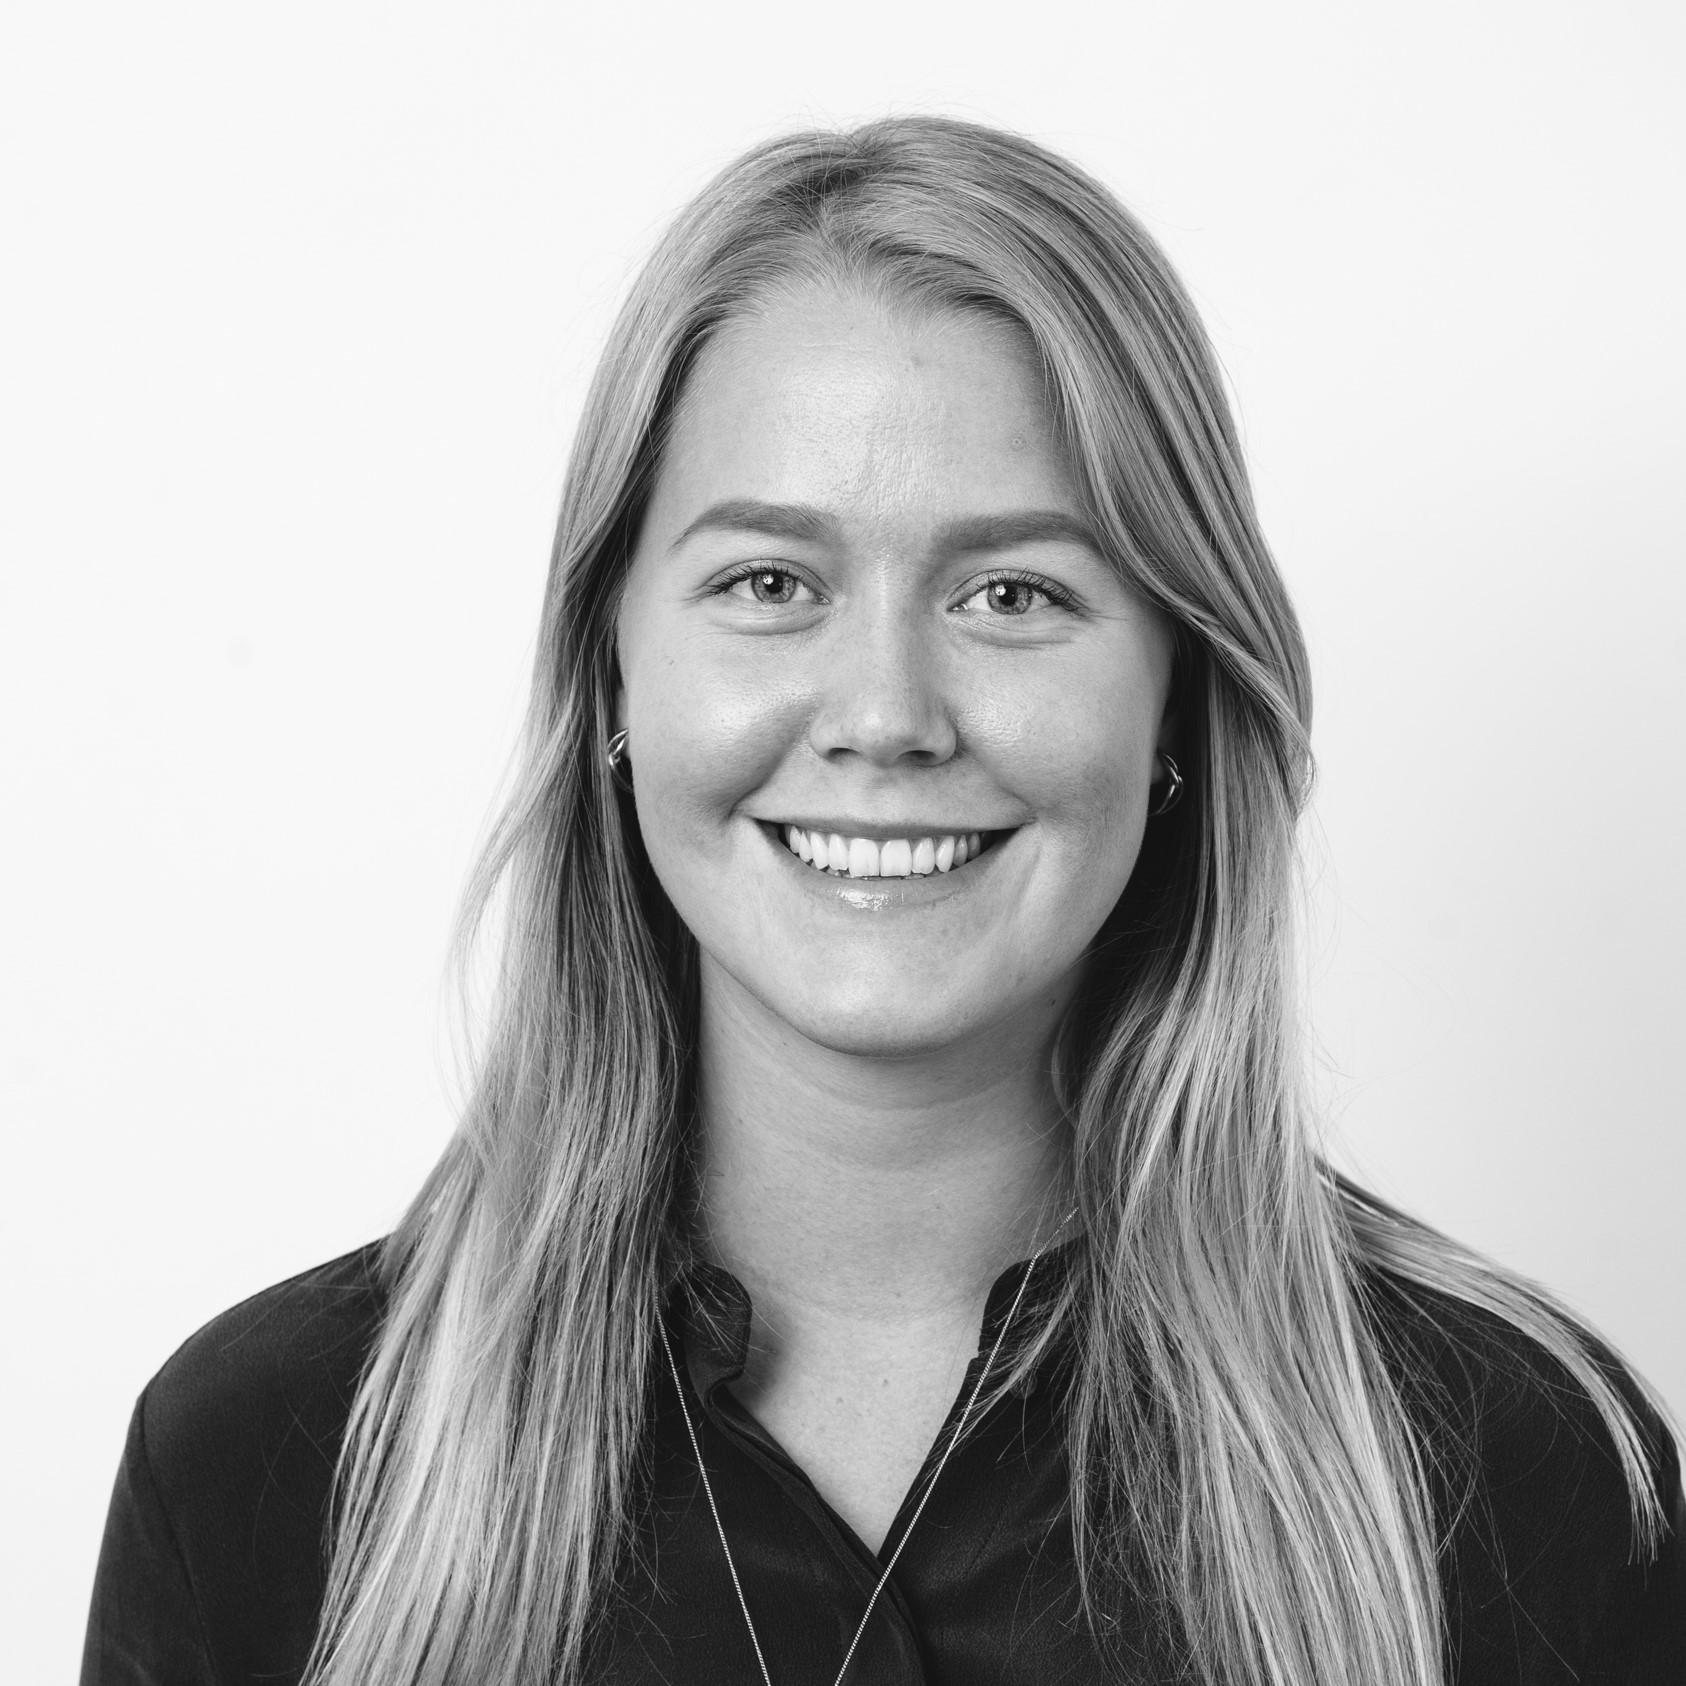 Evelina Nyström